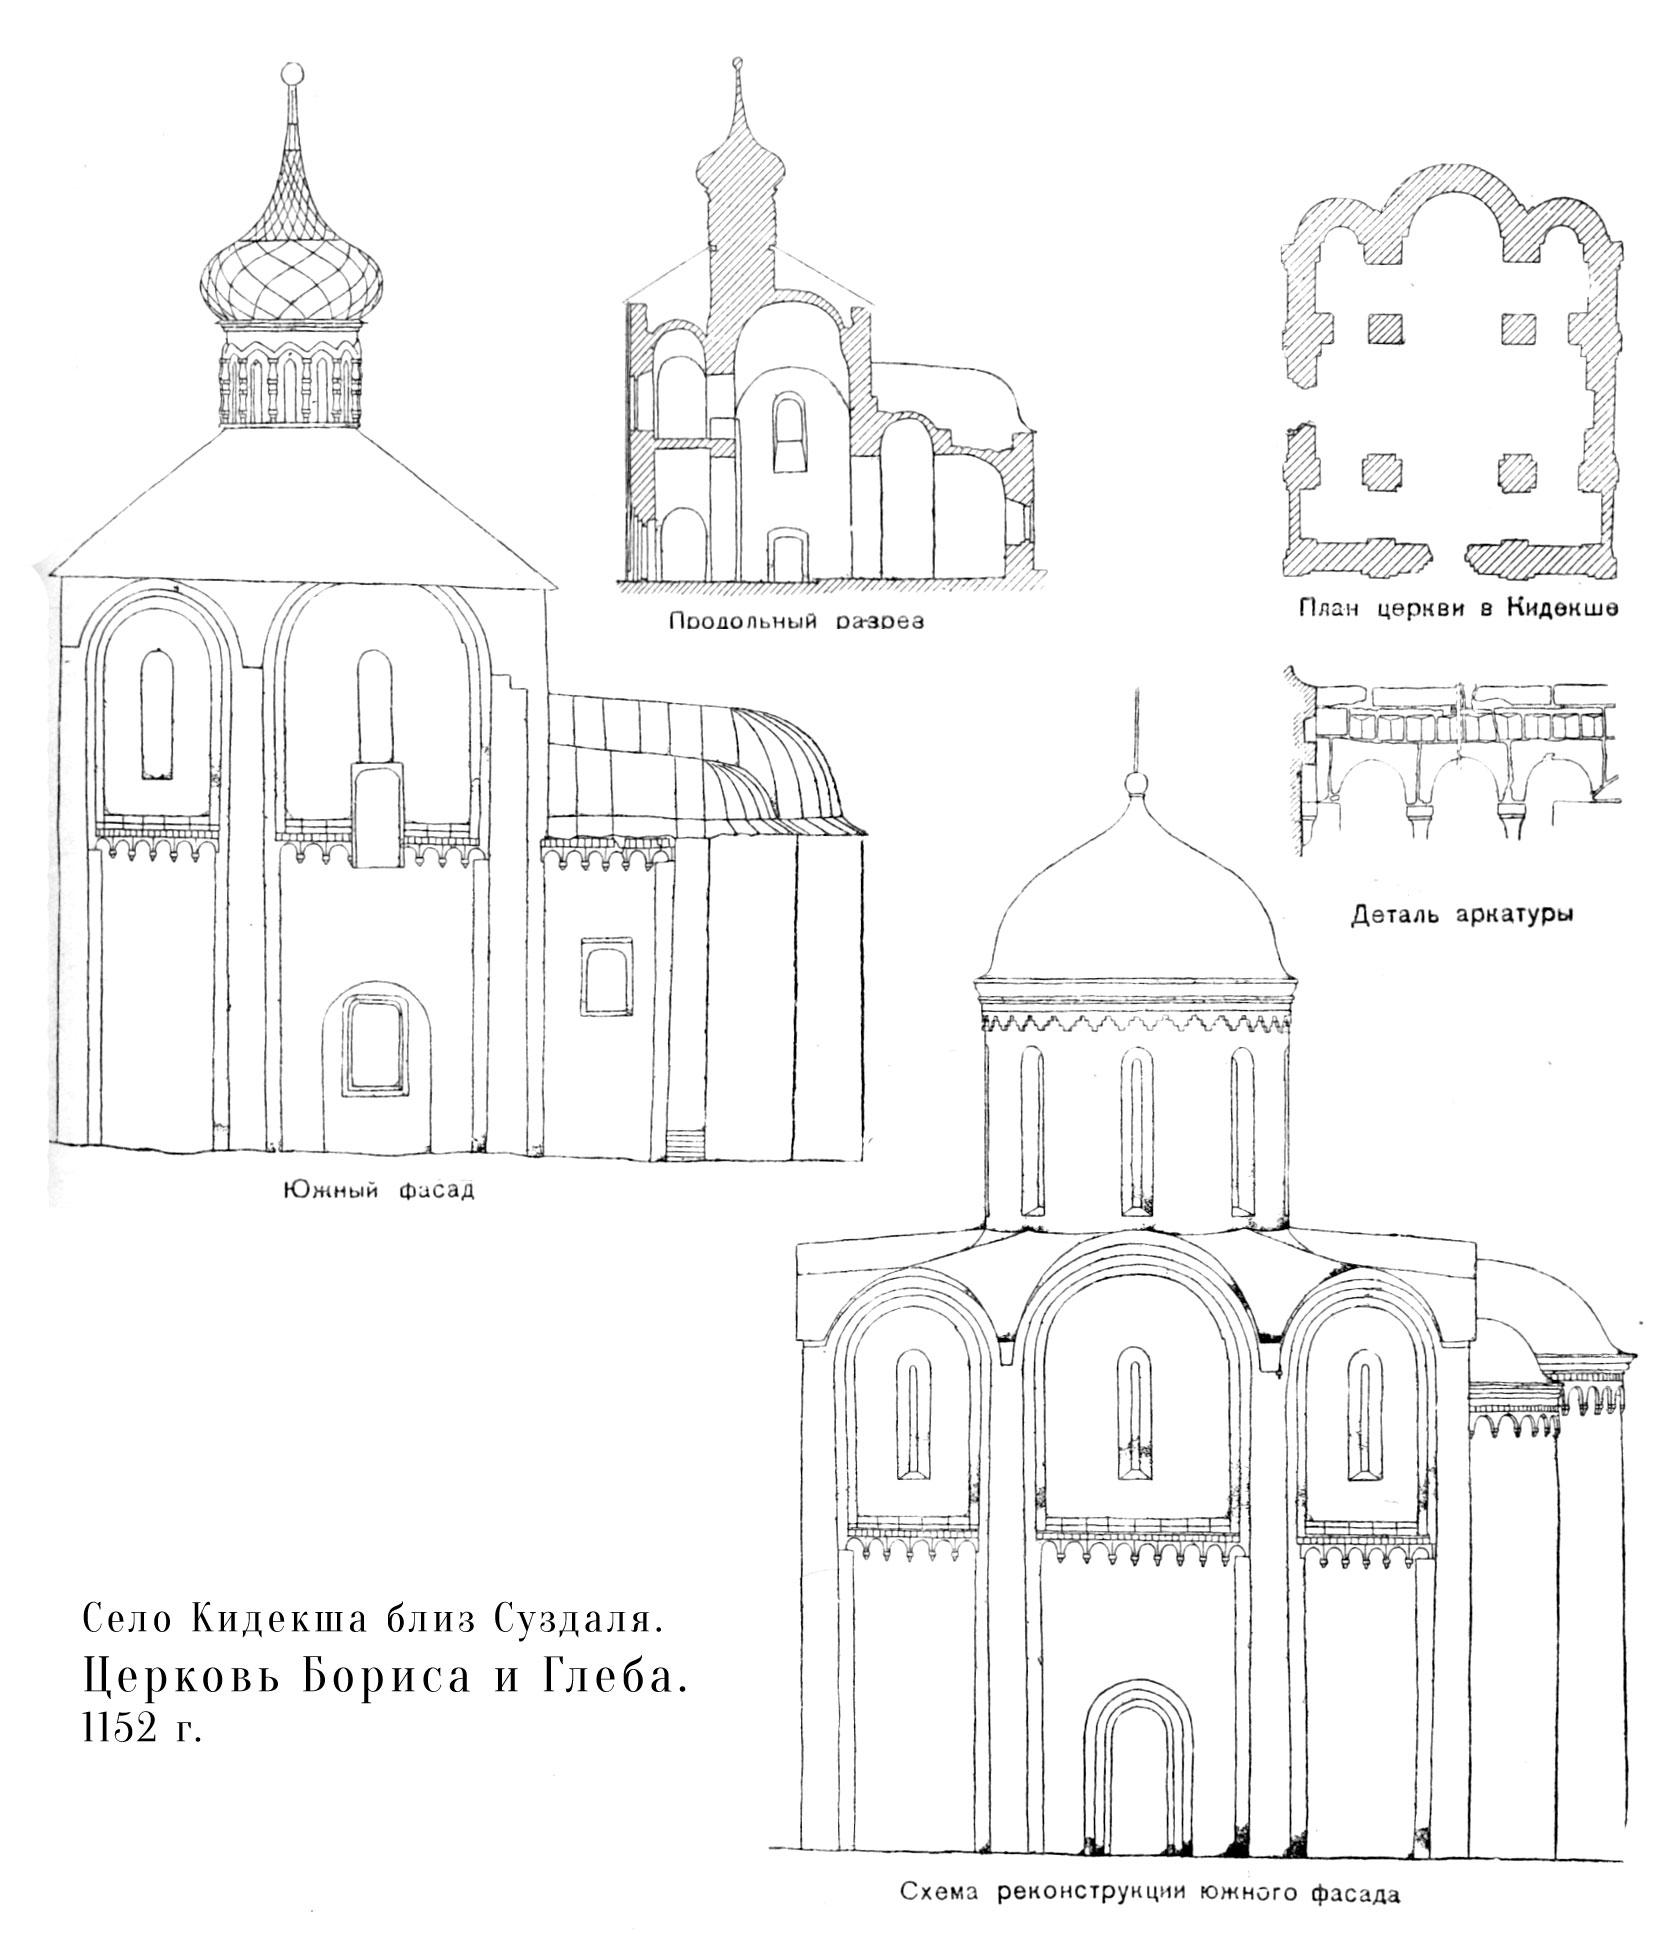 Реконструкция церкви Бориса и Глеба в Кидекше